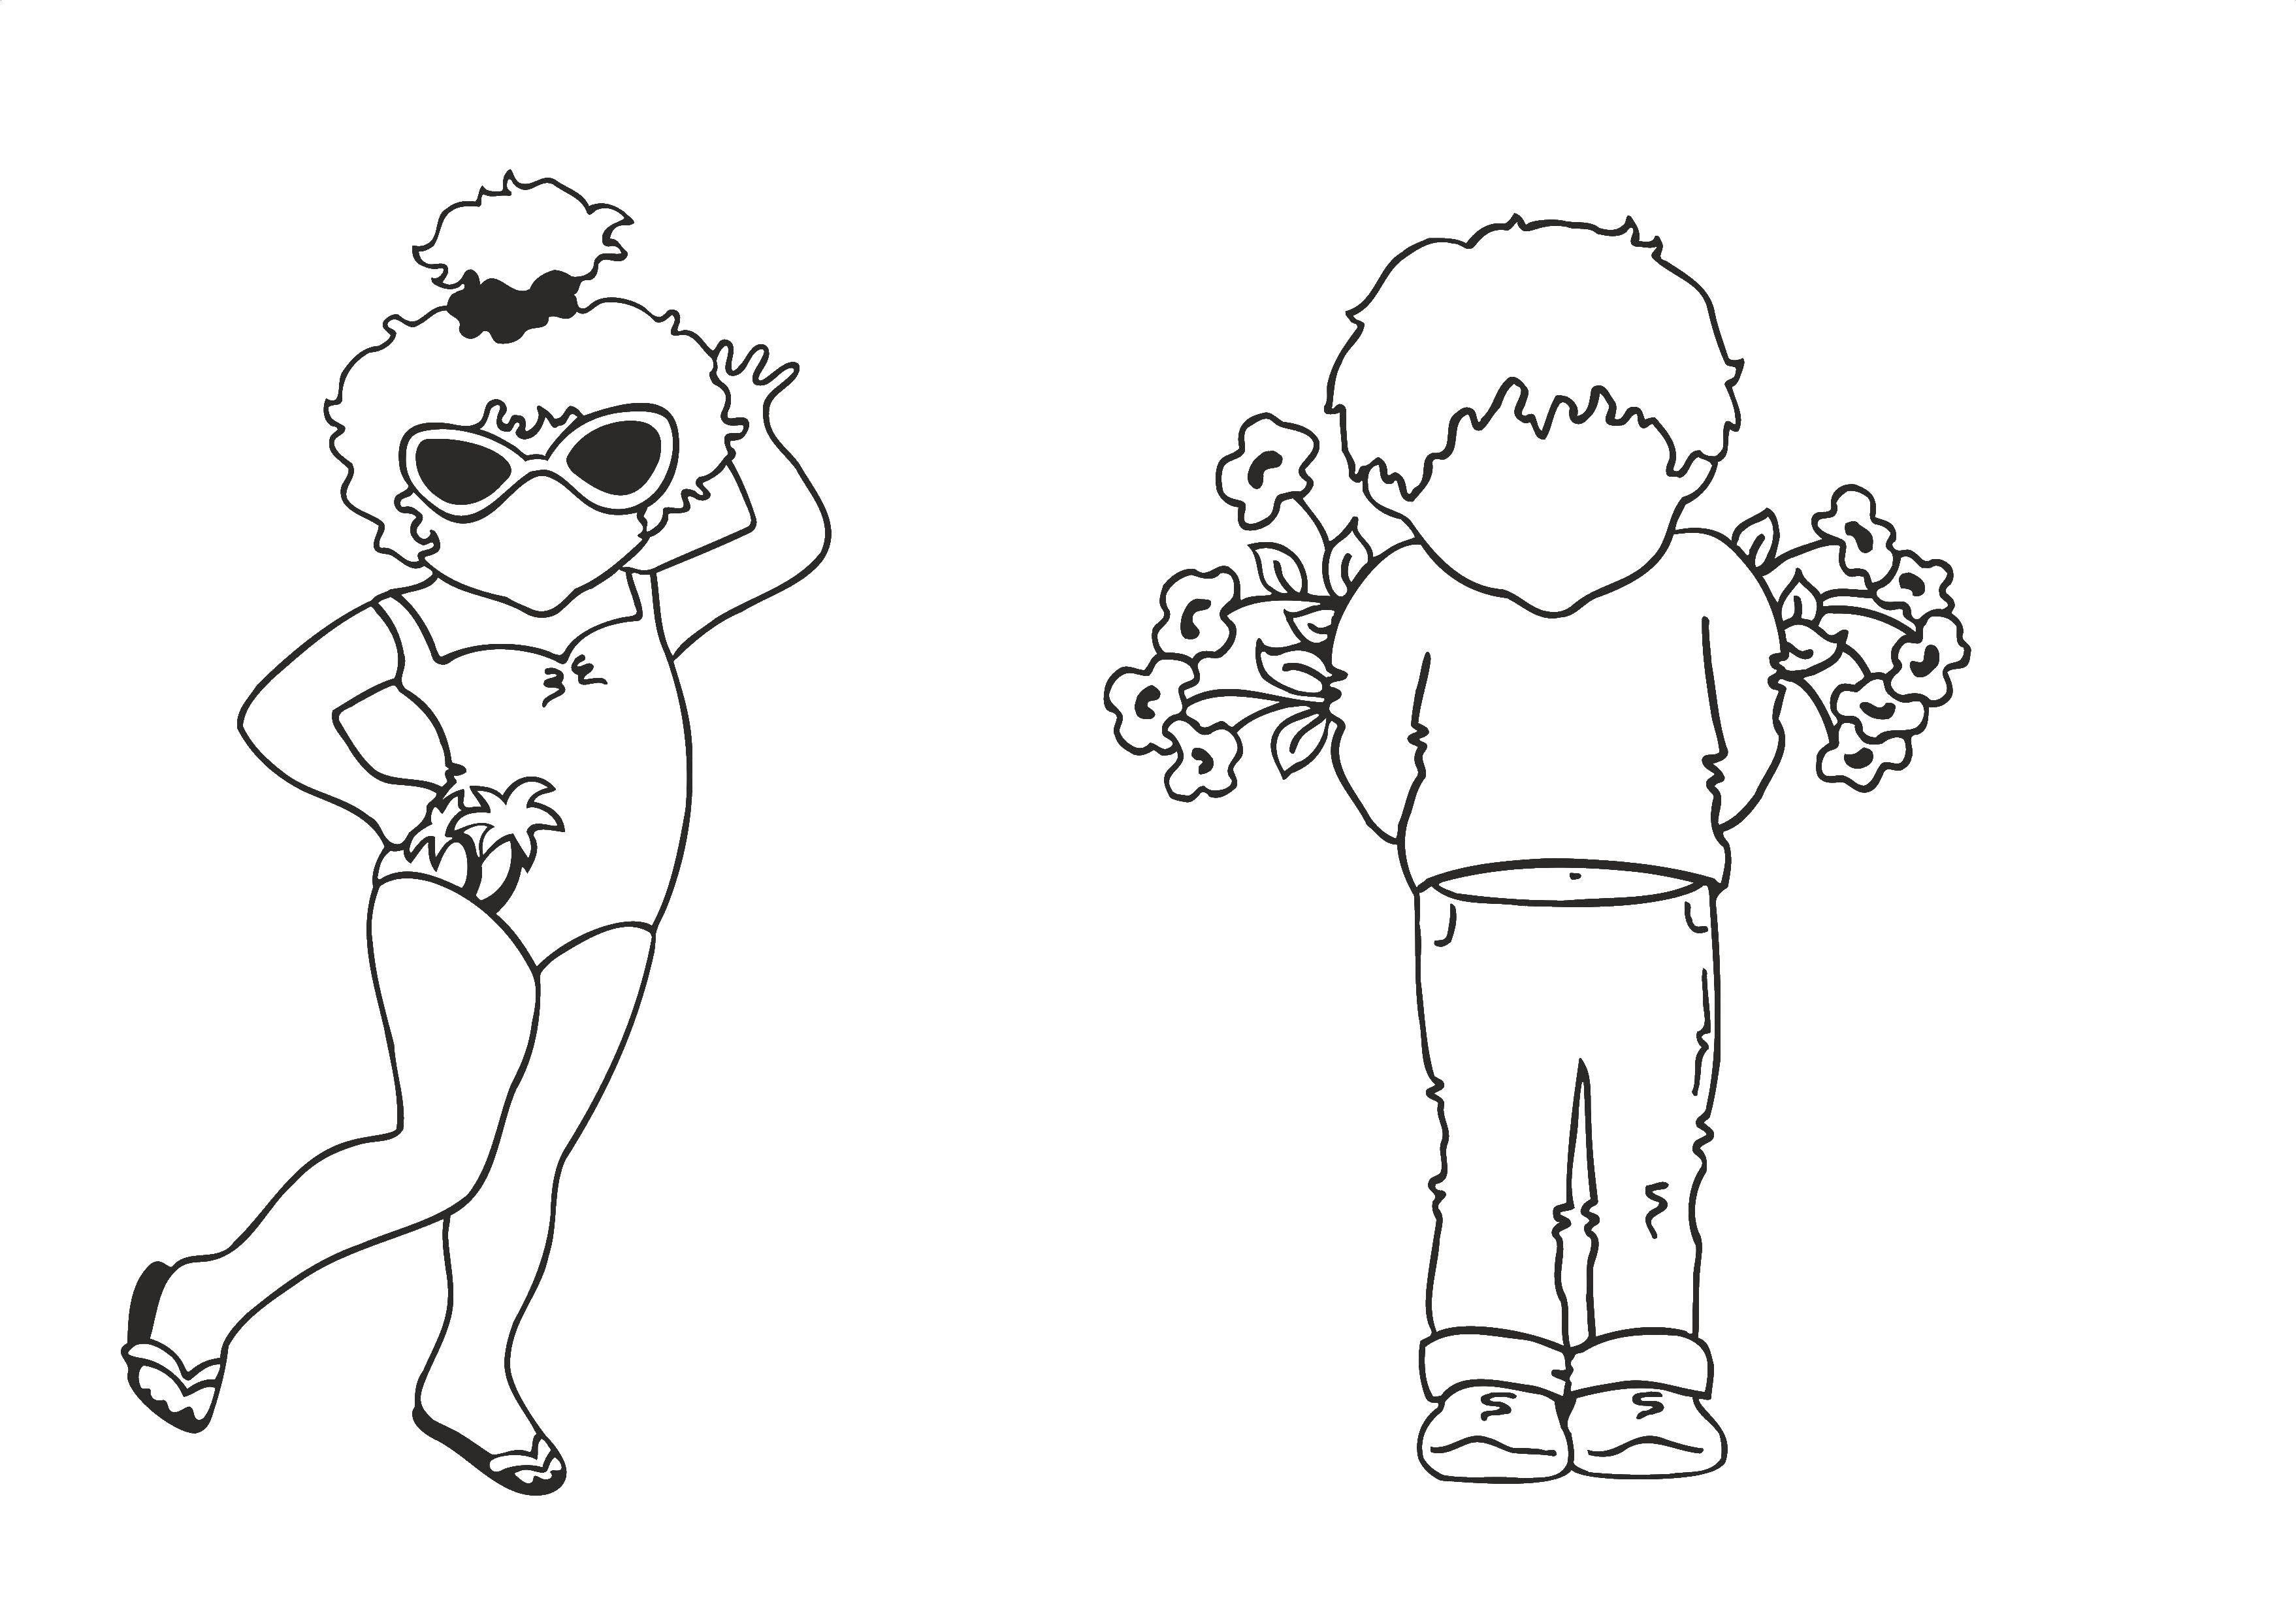 Раскраска Девочка в купальнике Скачать девочка, купальник.  Распечатать ,раскраски,